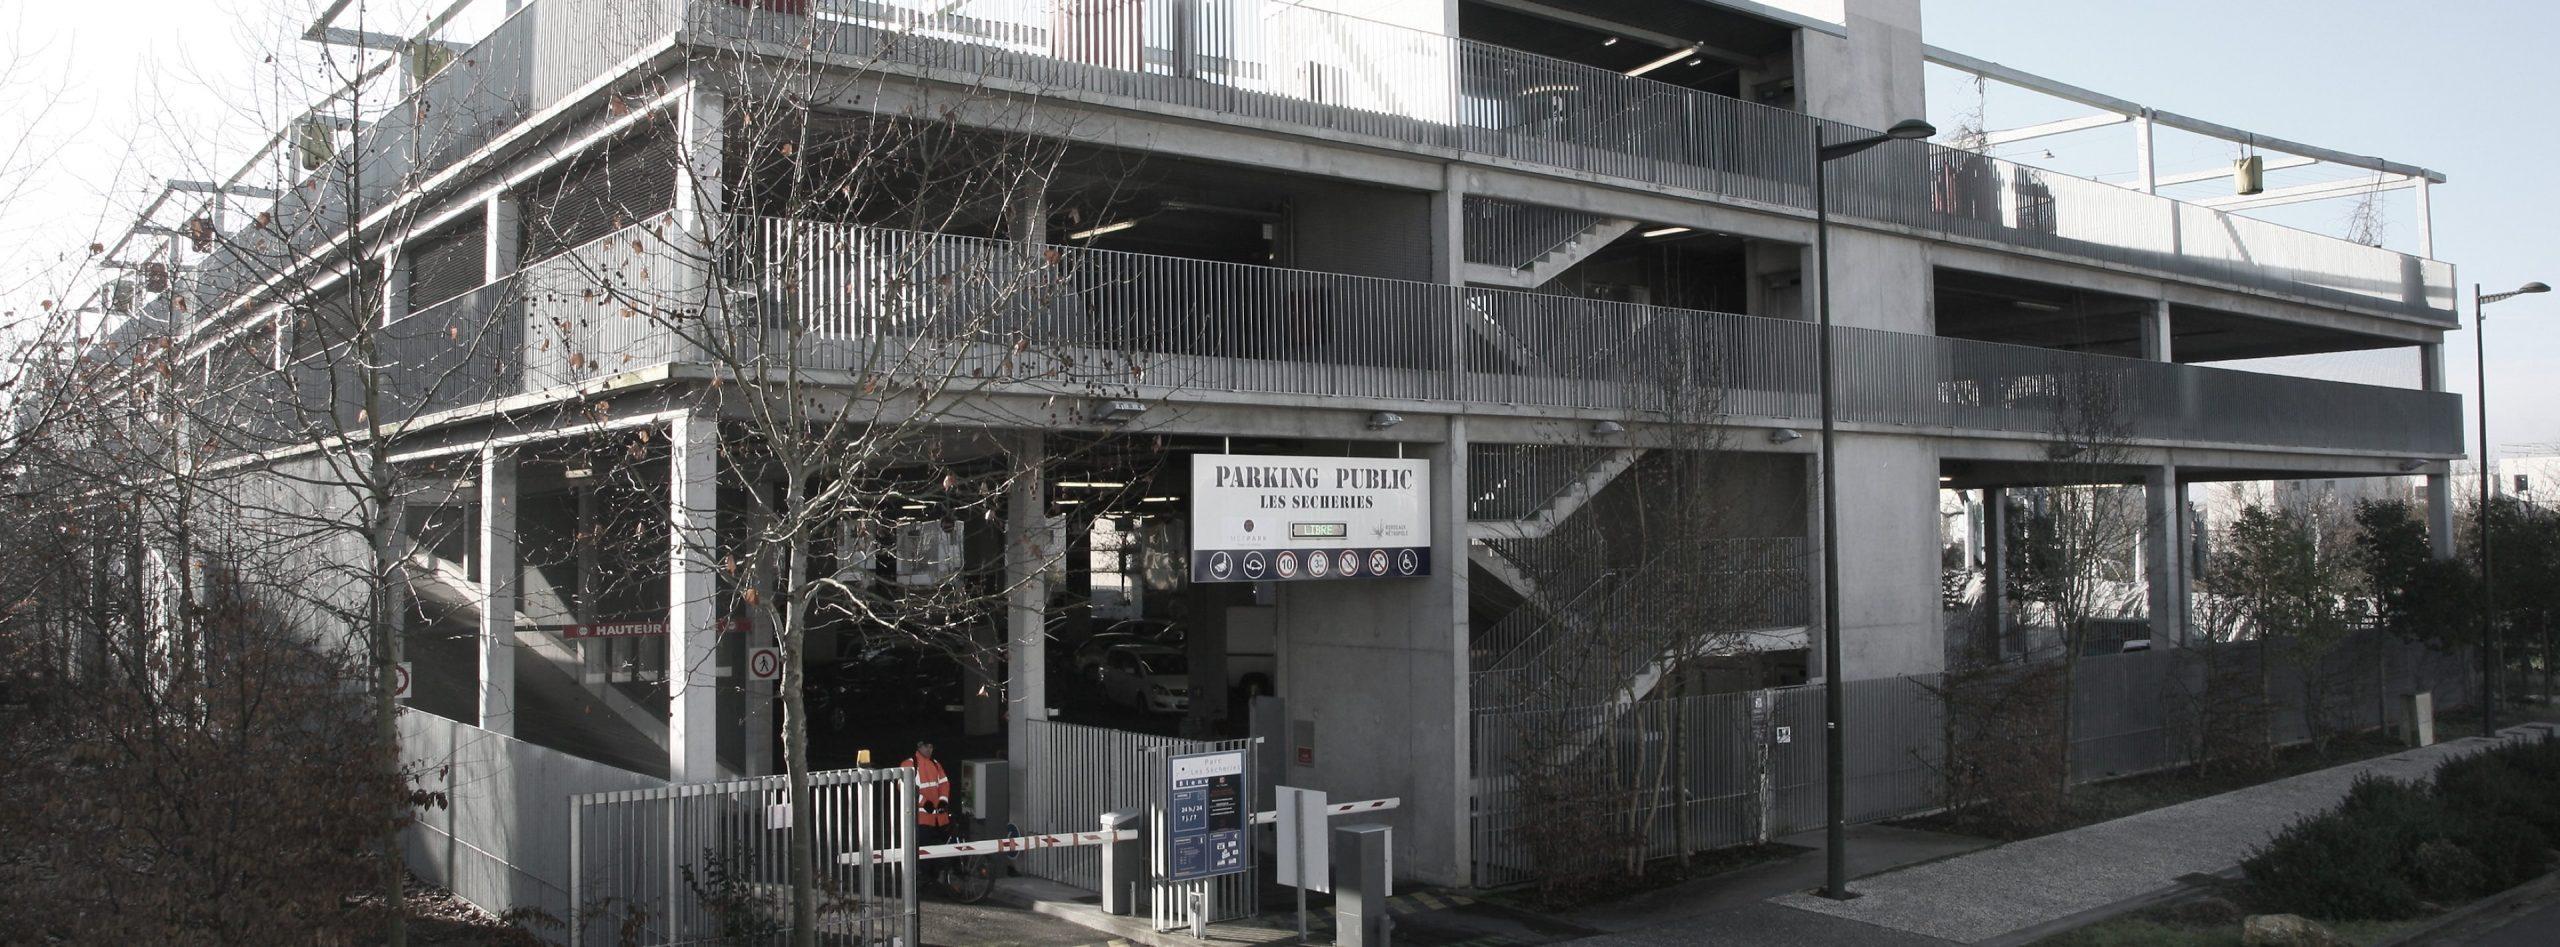 Places de parking à Bègles proche de Bordeaux. Parking Les Sécheries METPARK de Bègles proche de la Mairie de Bègles et à proximité de la rocade.